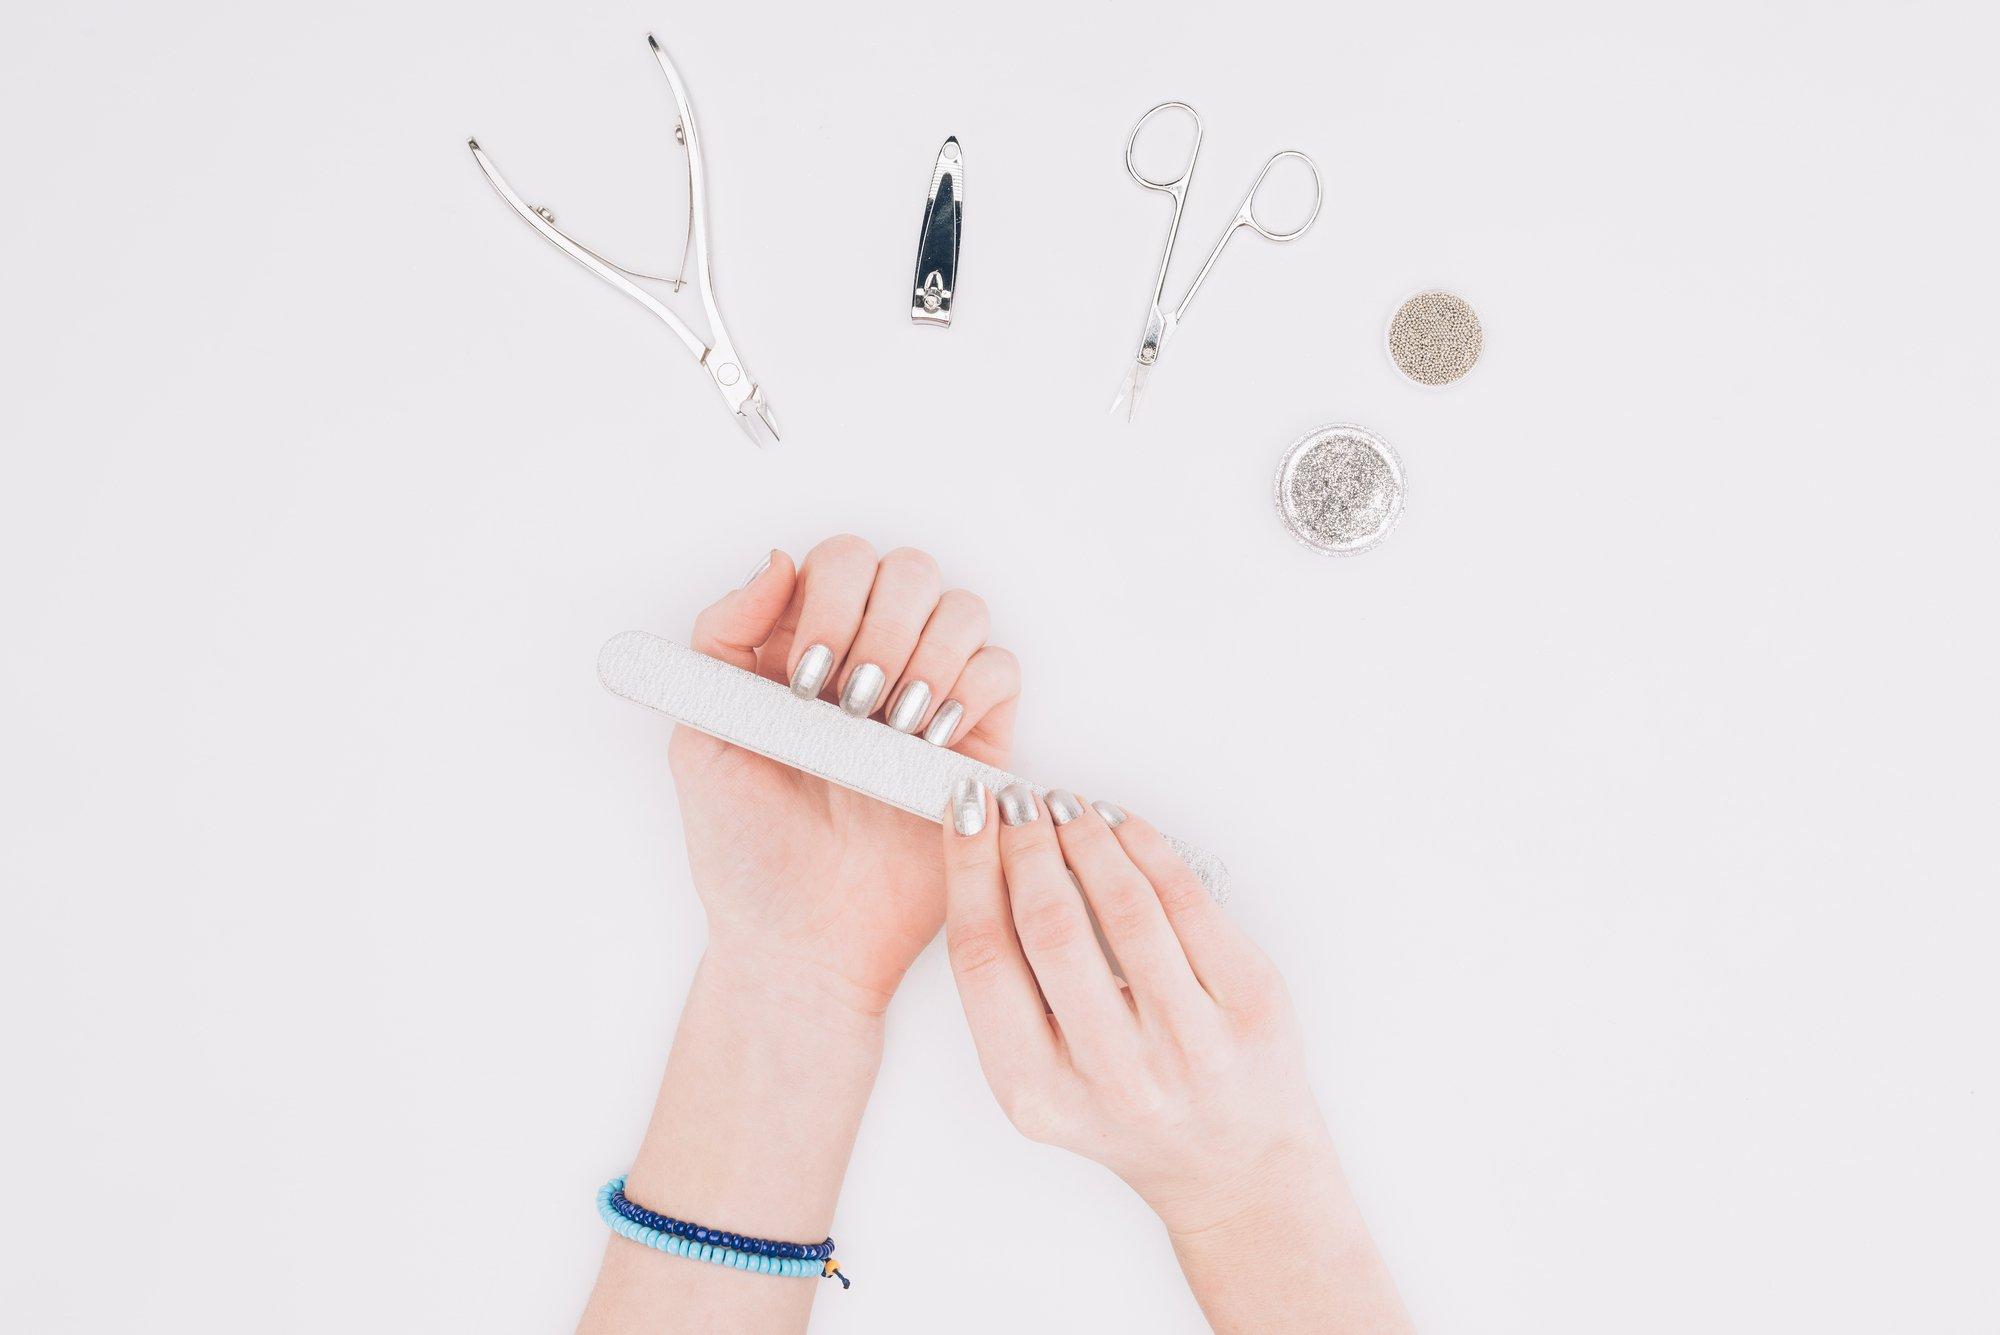 kobieta piłuje pilniczkiem paznokcie , na górze są widoczne przyżady do minicure